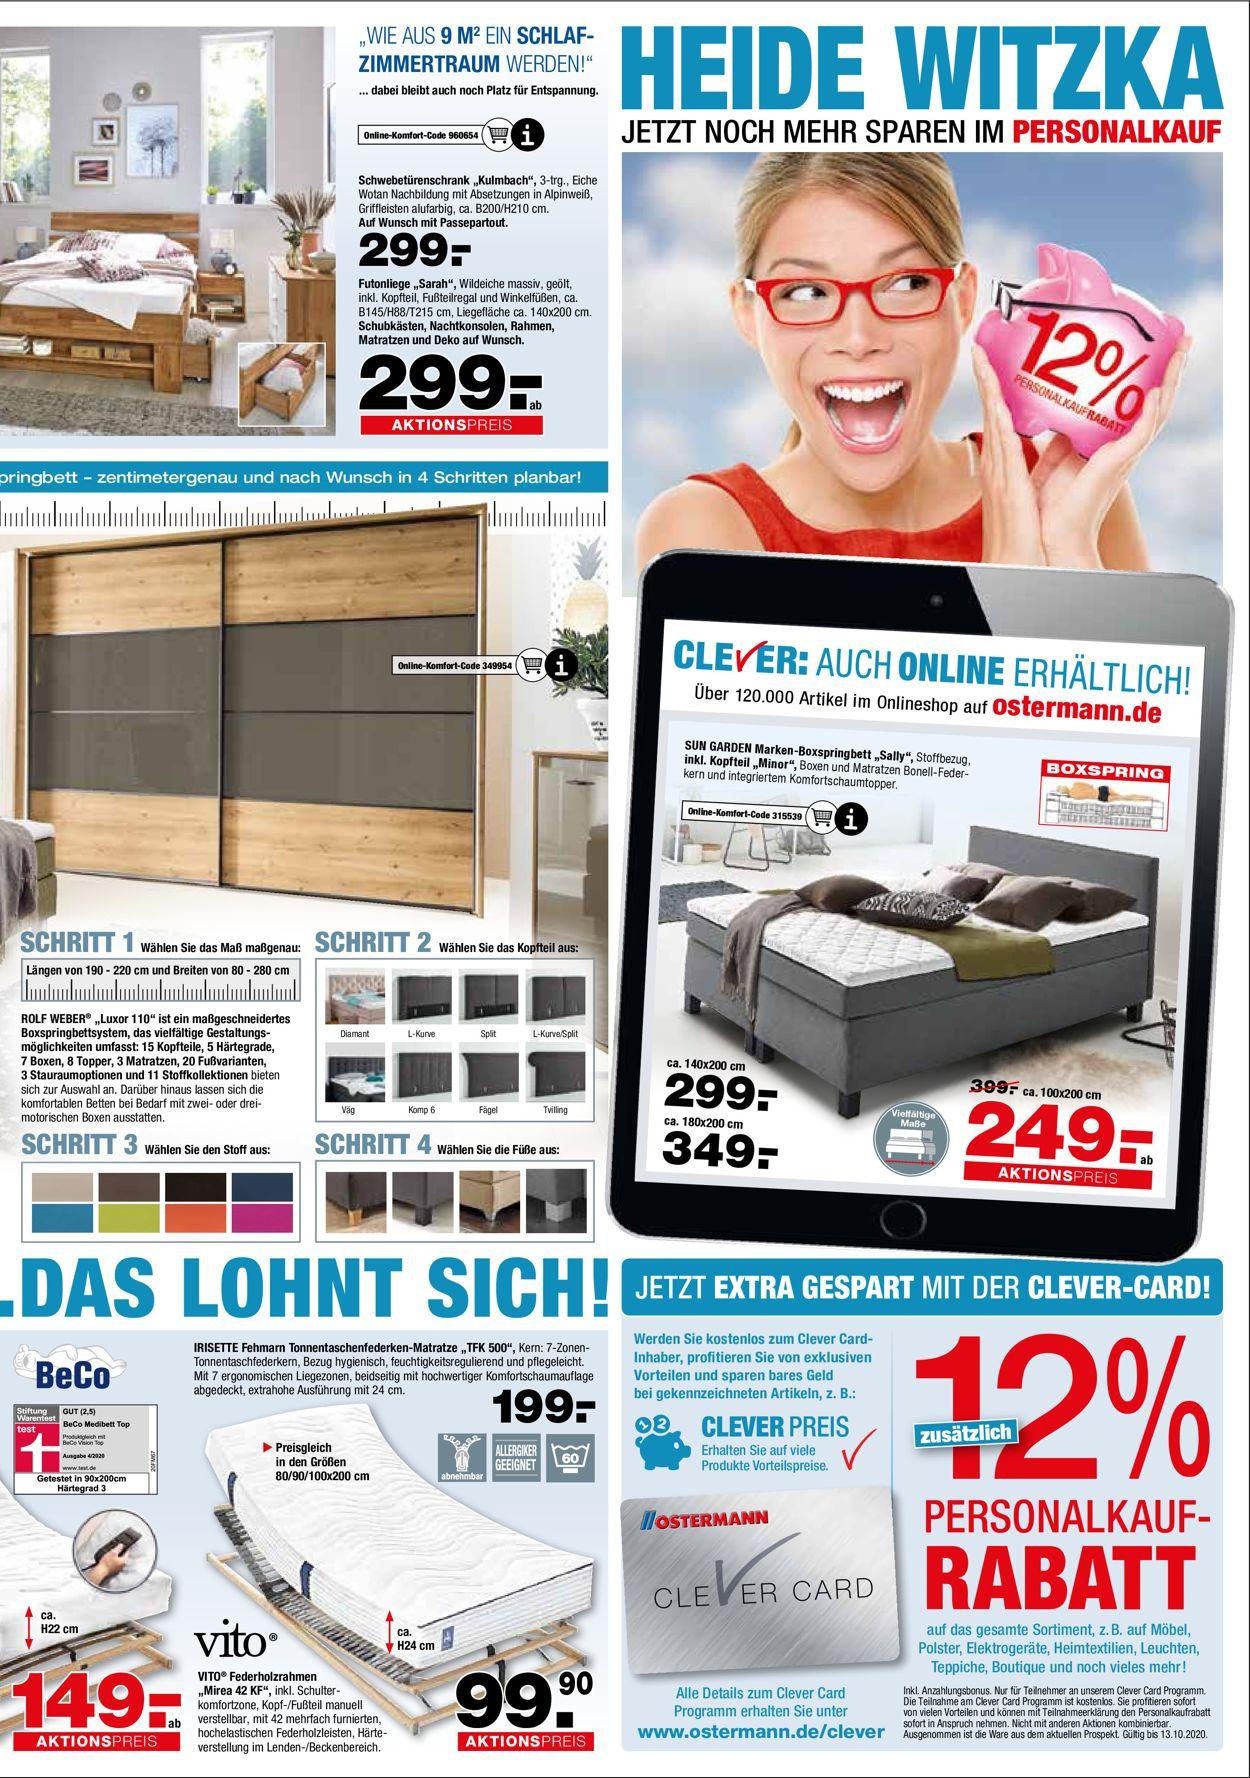 Kaufhof Personalkauf